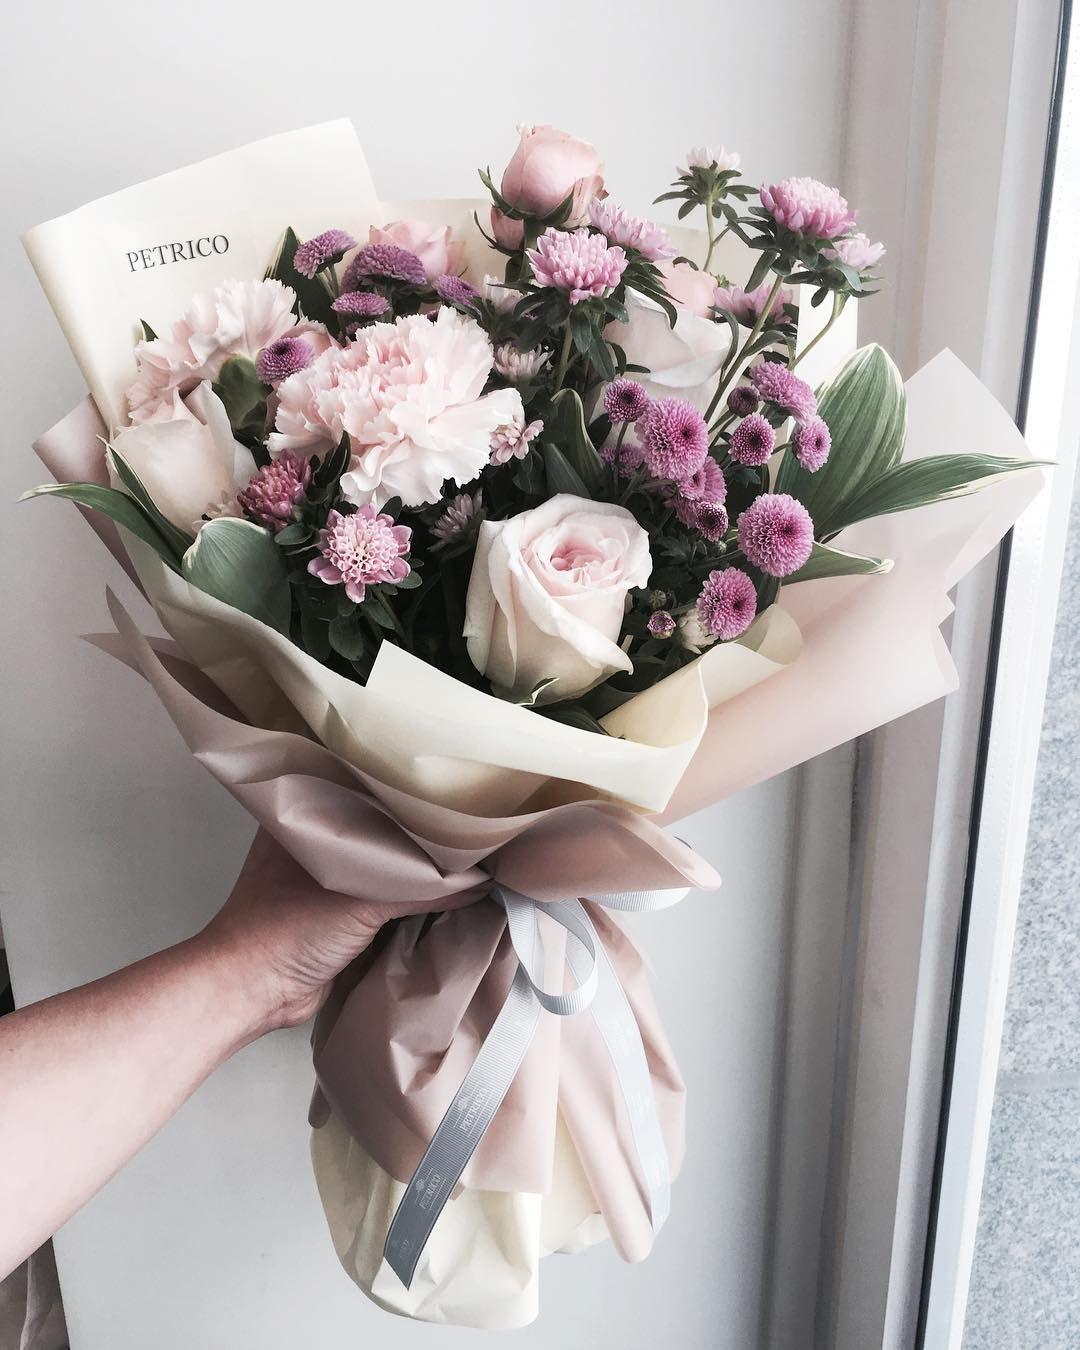 """플로리스트 고하나 florist Goh hana on Instagram: """"#어버이날꽃선물 날씨한번좋네"""